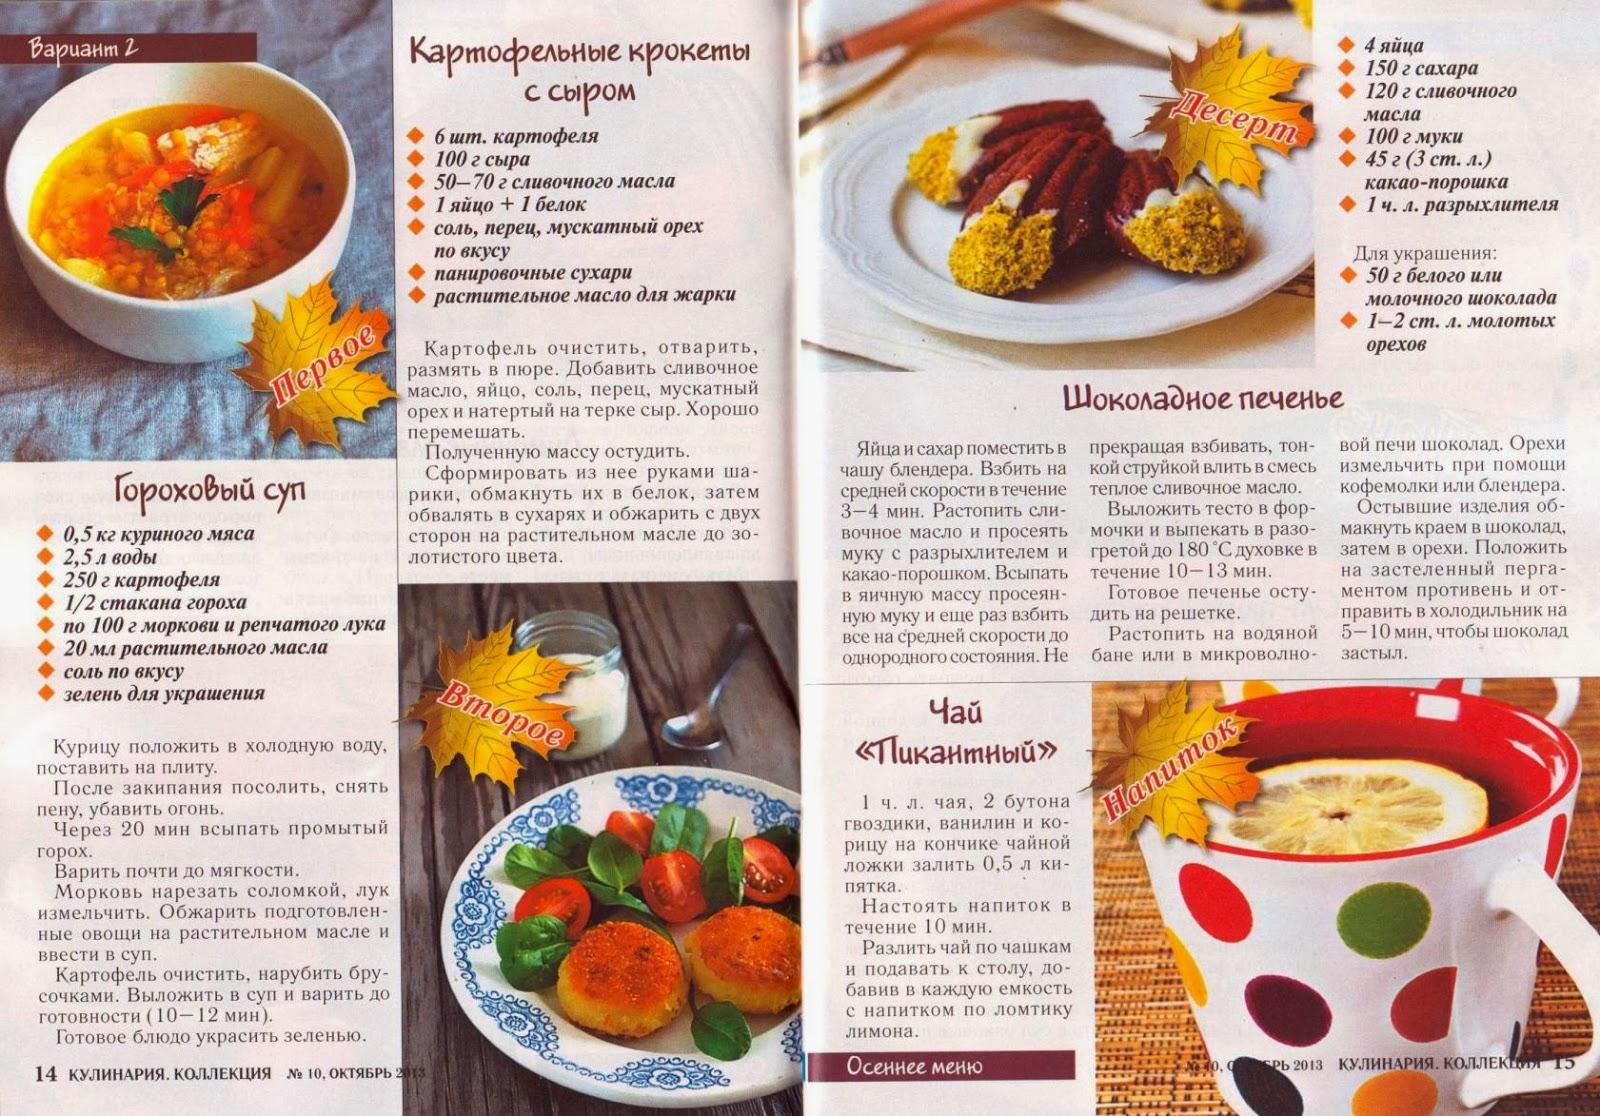 Жизнь как она есть: Авторское право и фото еды: http://klim-ua.blogspot.com/2013/10/blog-post_27.html